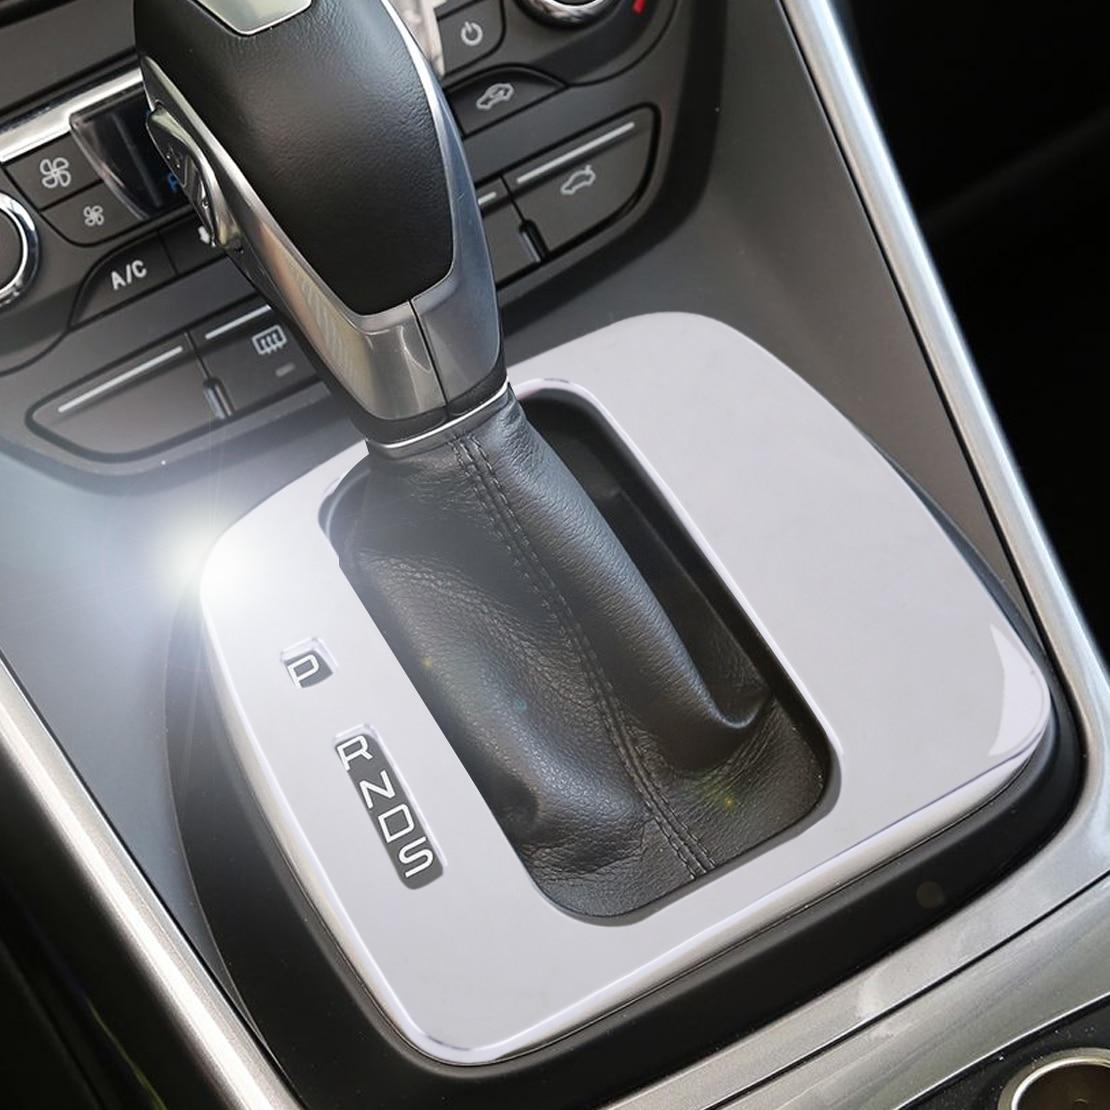 DWCX Prata ABS Cromado Tampa Moldura Do Painel Guarnição do Deslocamento de Engrenagem Acessórios do carro Apto Para Ford Escape Kuga 2013 2014 2015 2016